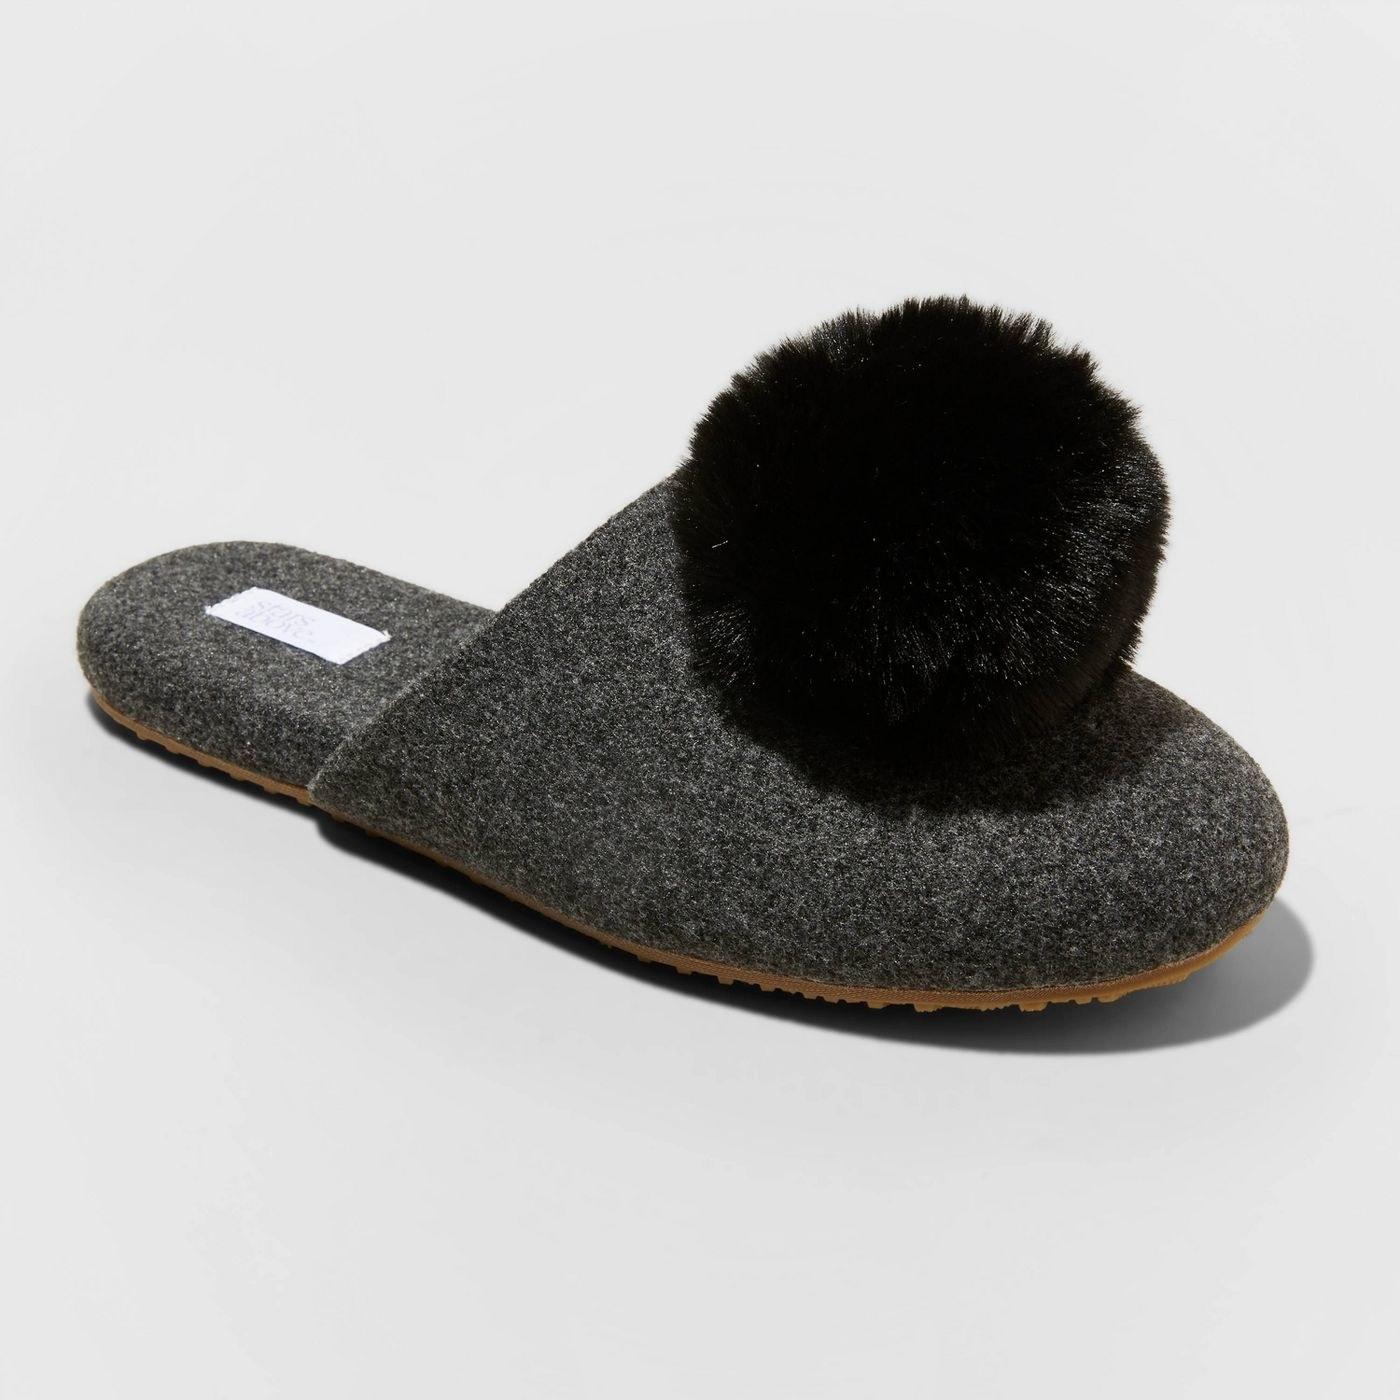 gray backless slipper with black pom pom